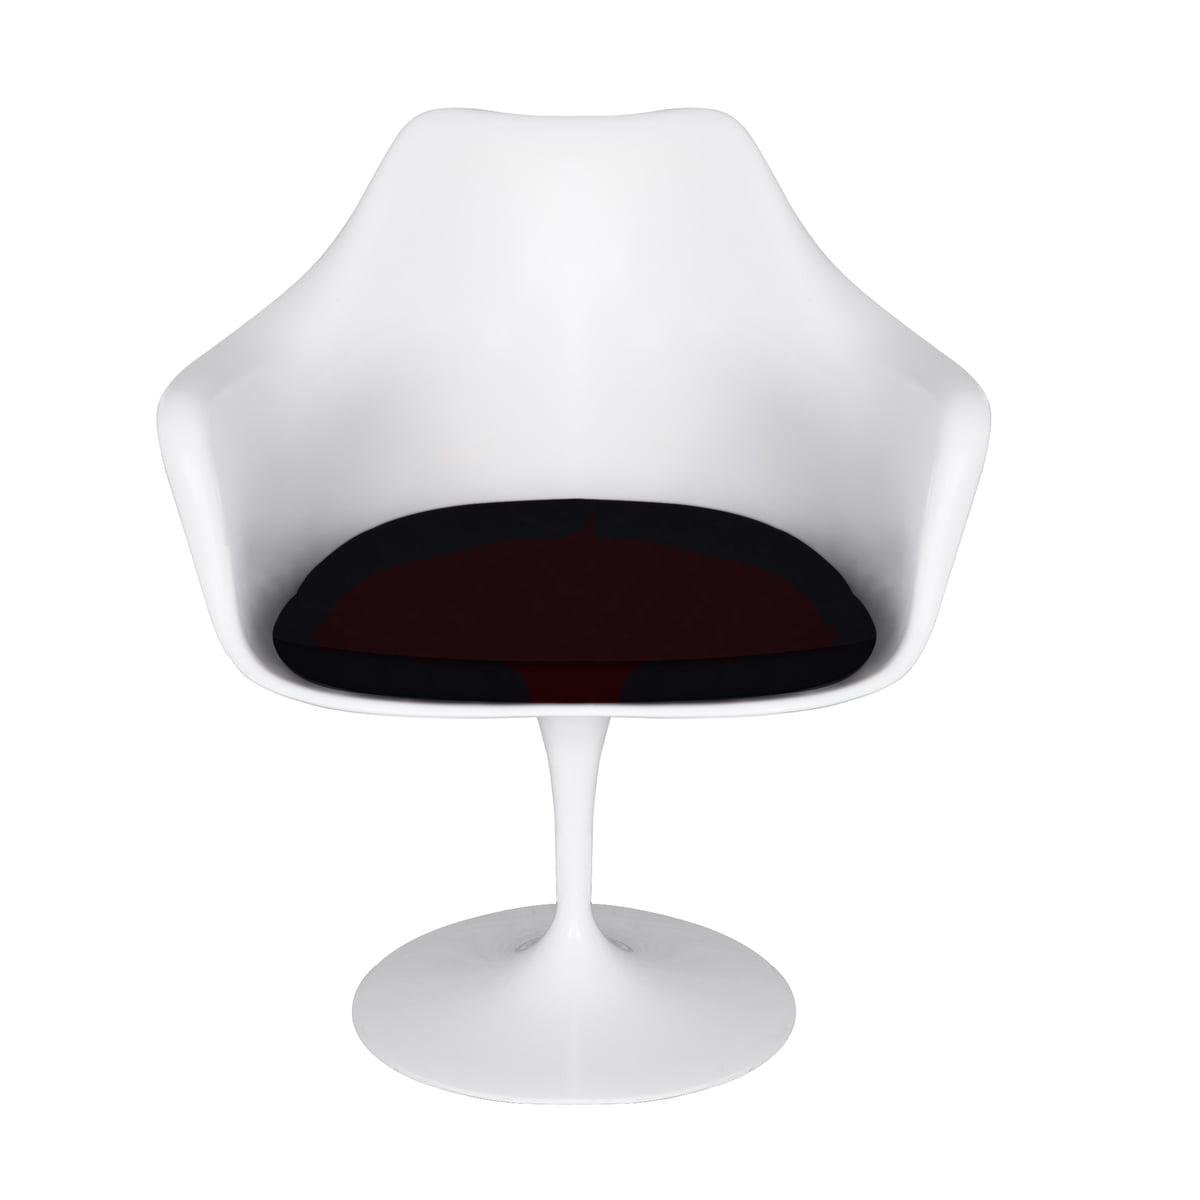 Knoll   Saarinen Tulip Chair, White / Chair Cushion Black